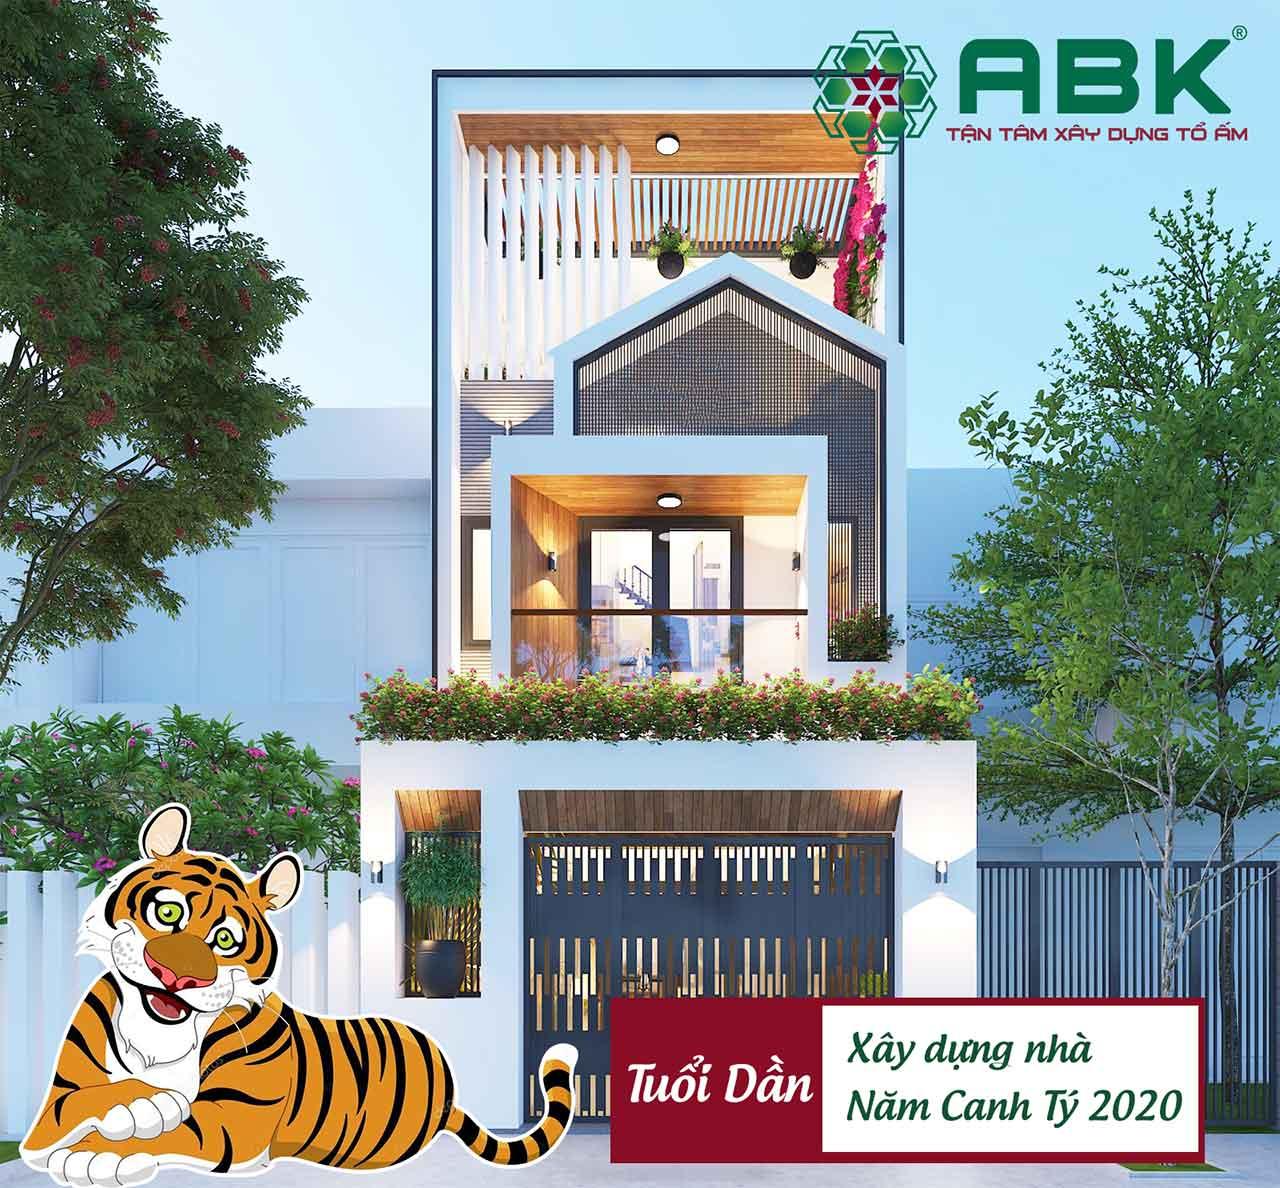 Những năm sinh nào xây nhà phù hợp vào năm 2020